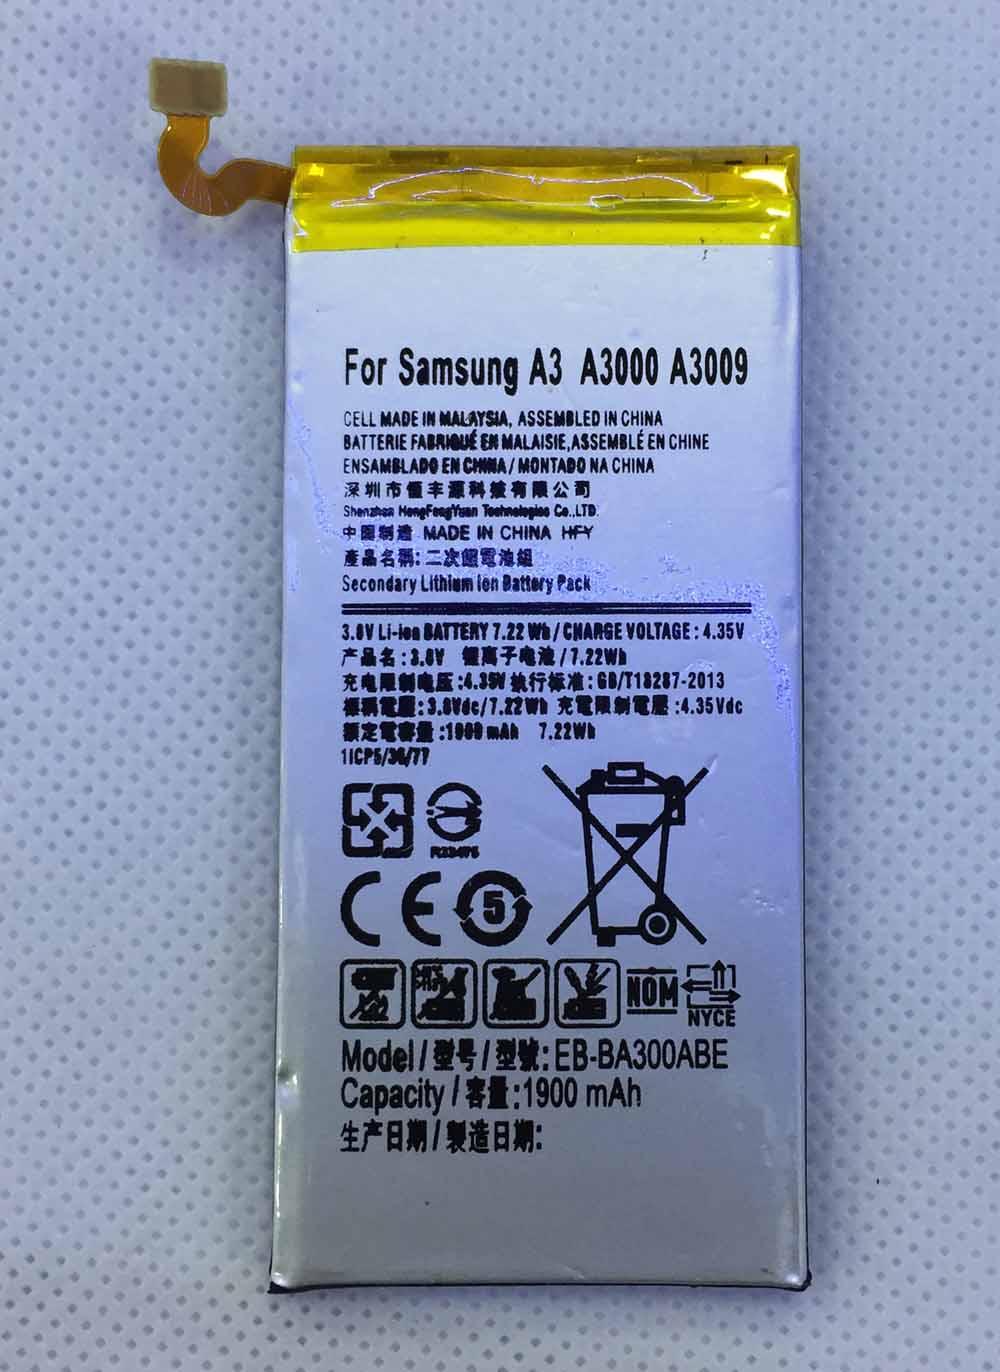 HFY EB-BA300ABE Batterie pour Samsung Galaxy A3 2015 A300 A3000 A300X A300H A300F A3009 A300G/M/FU Batterie EBBA300ABE